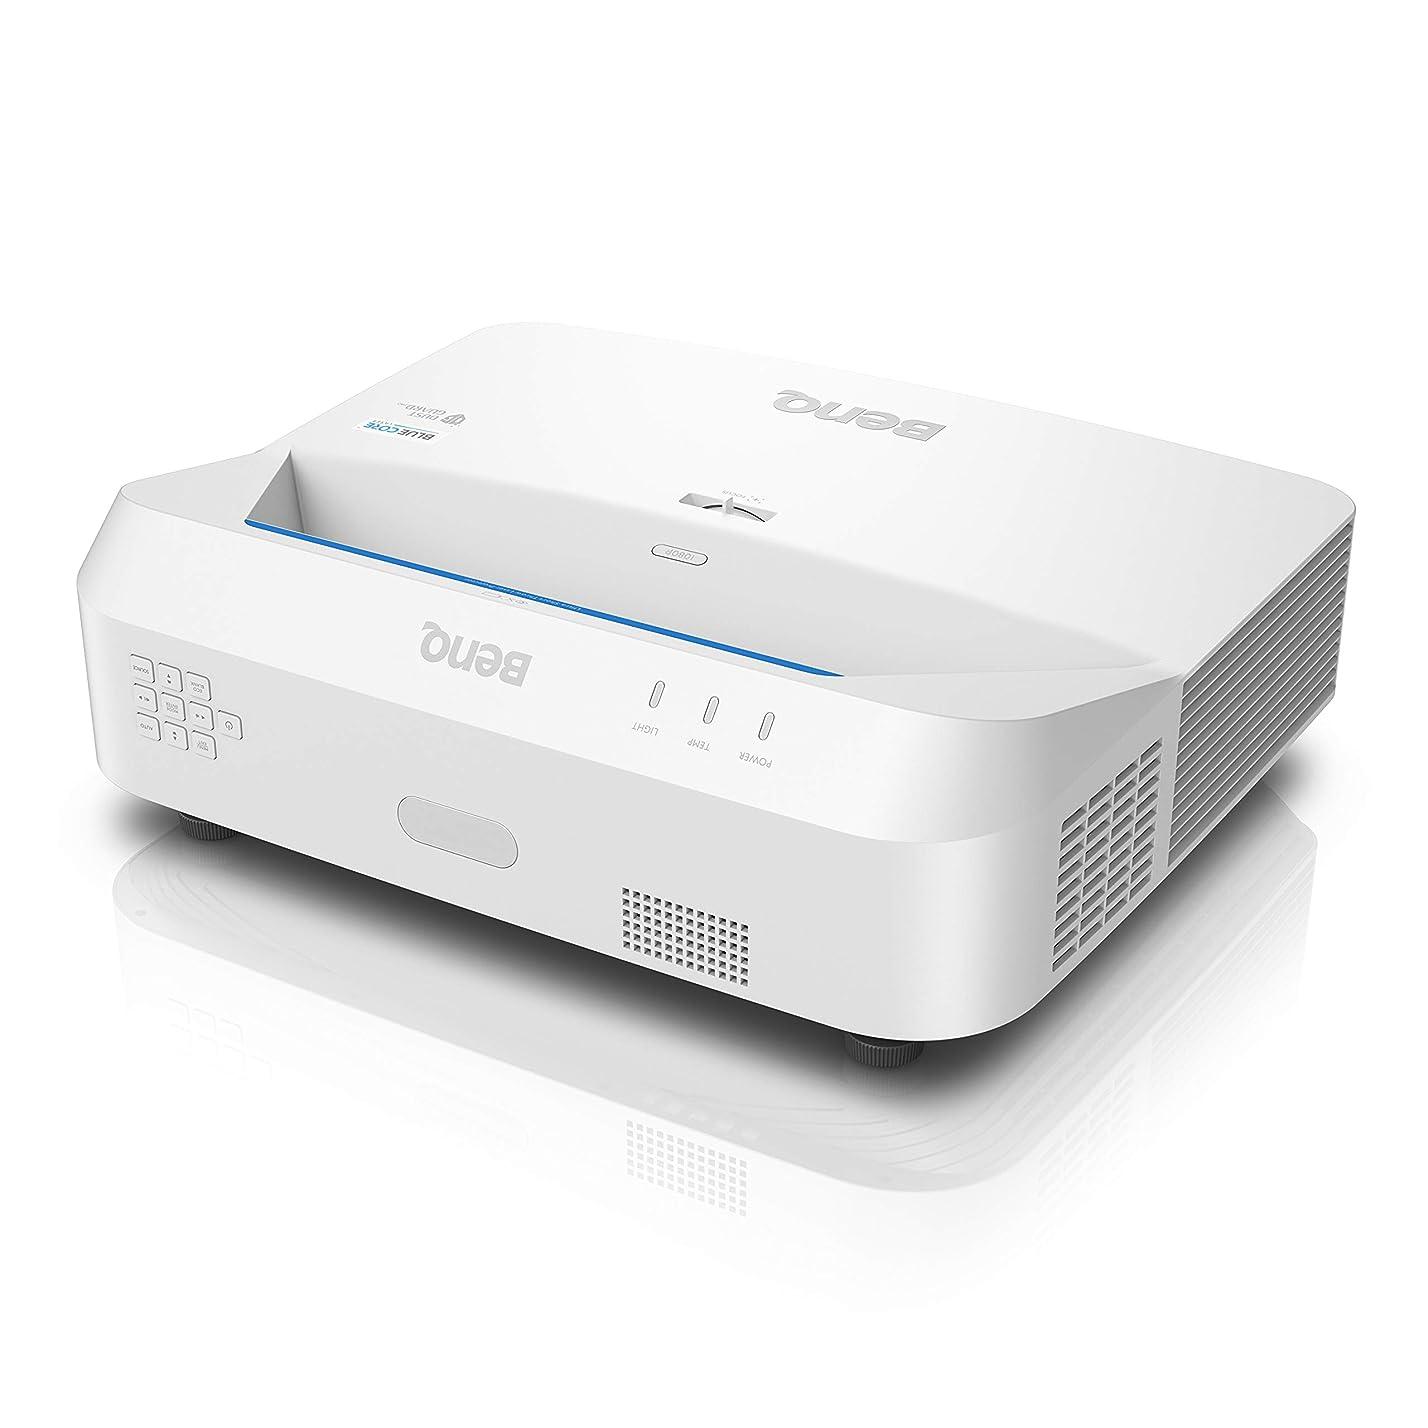 マーキー発揮する日光Benq LW890UST data projector 4000 ANSI lumens DLP WXGA (1280x800) 3D Desktop projector White